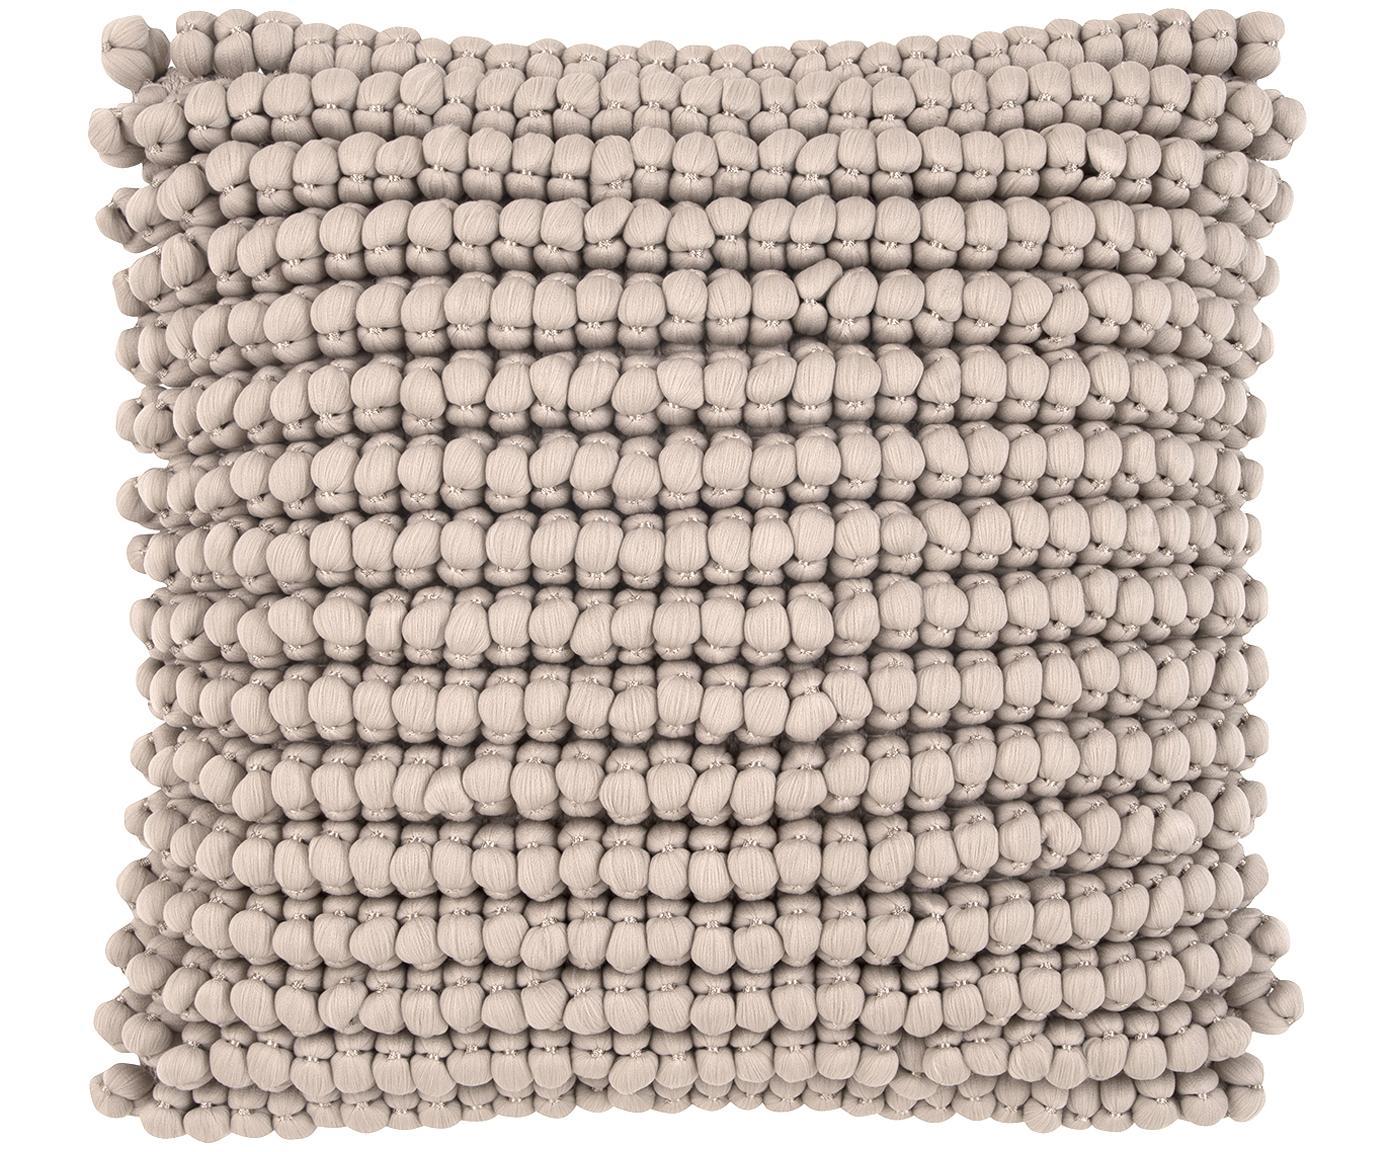 Kissenhülle Iona mit kleinen Stoffkugeln, Vorderseite: 70% Polyester, 30% Baumwo, Rückseite: Baumwolle, Beige, 45 x 45 cm